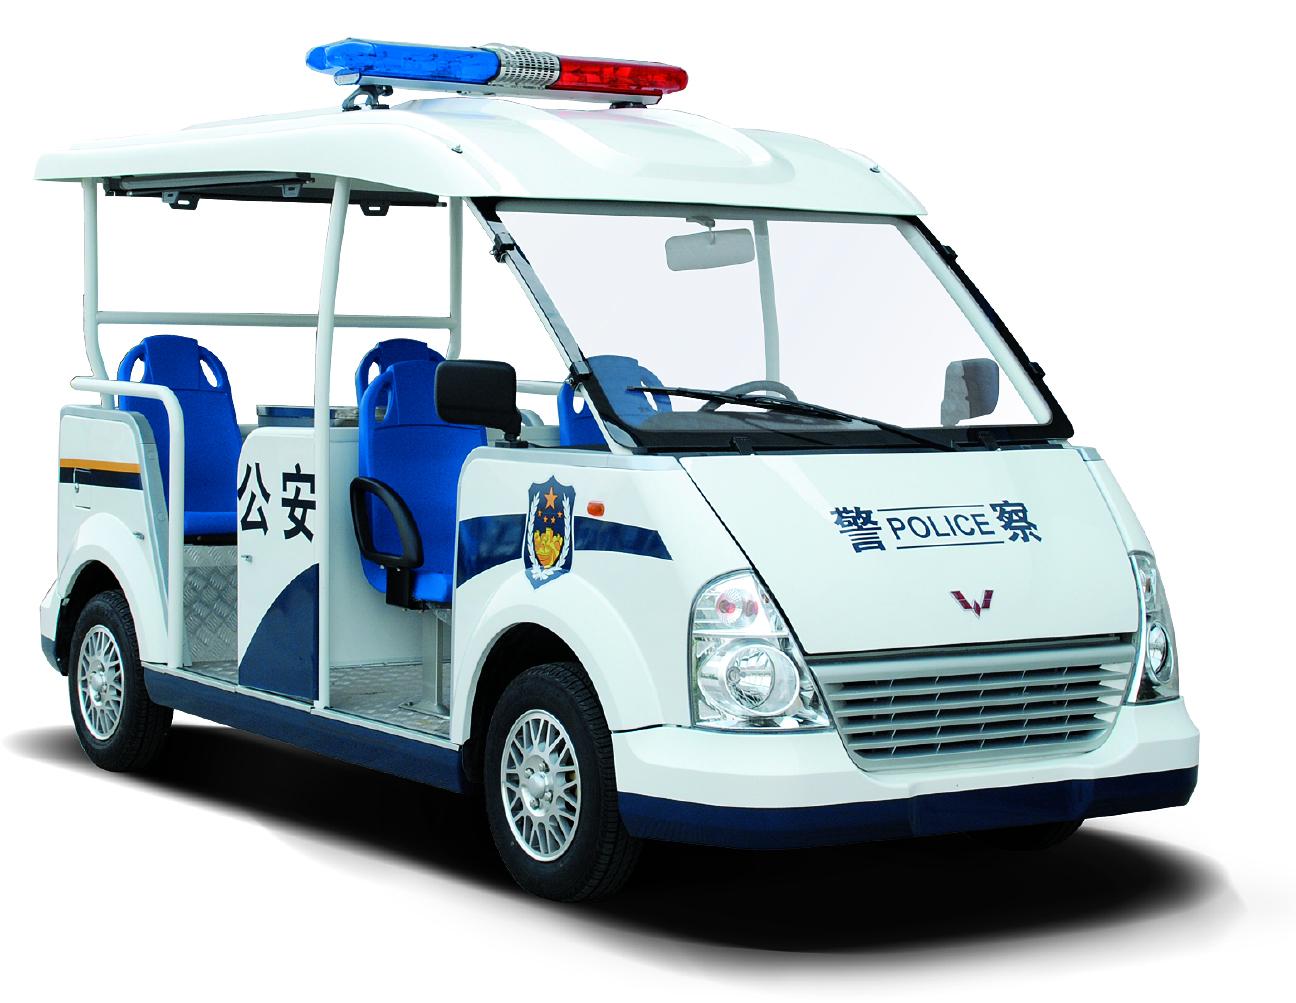 VV系列巡逻车